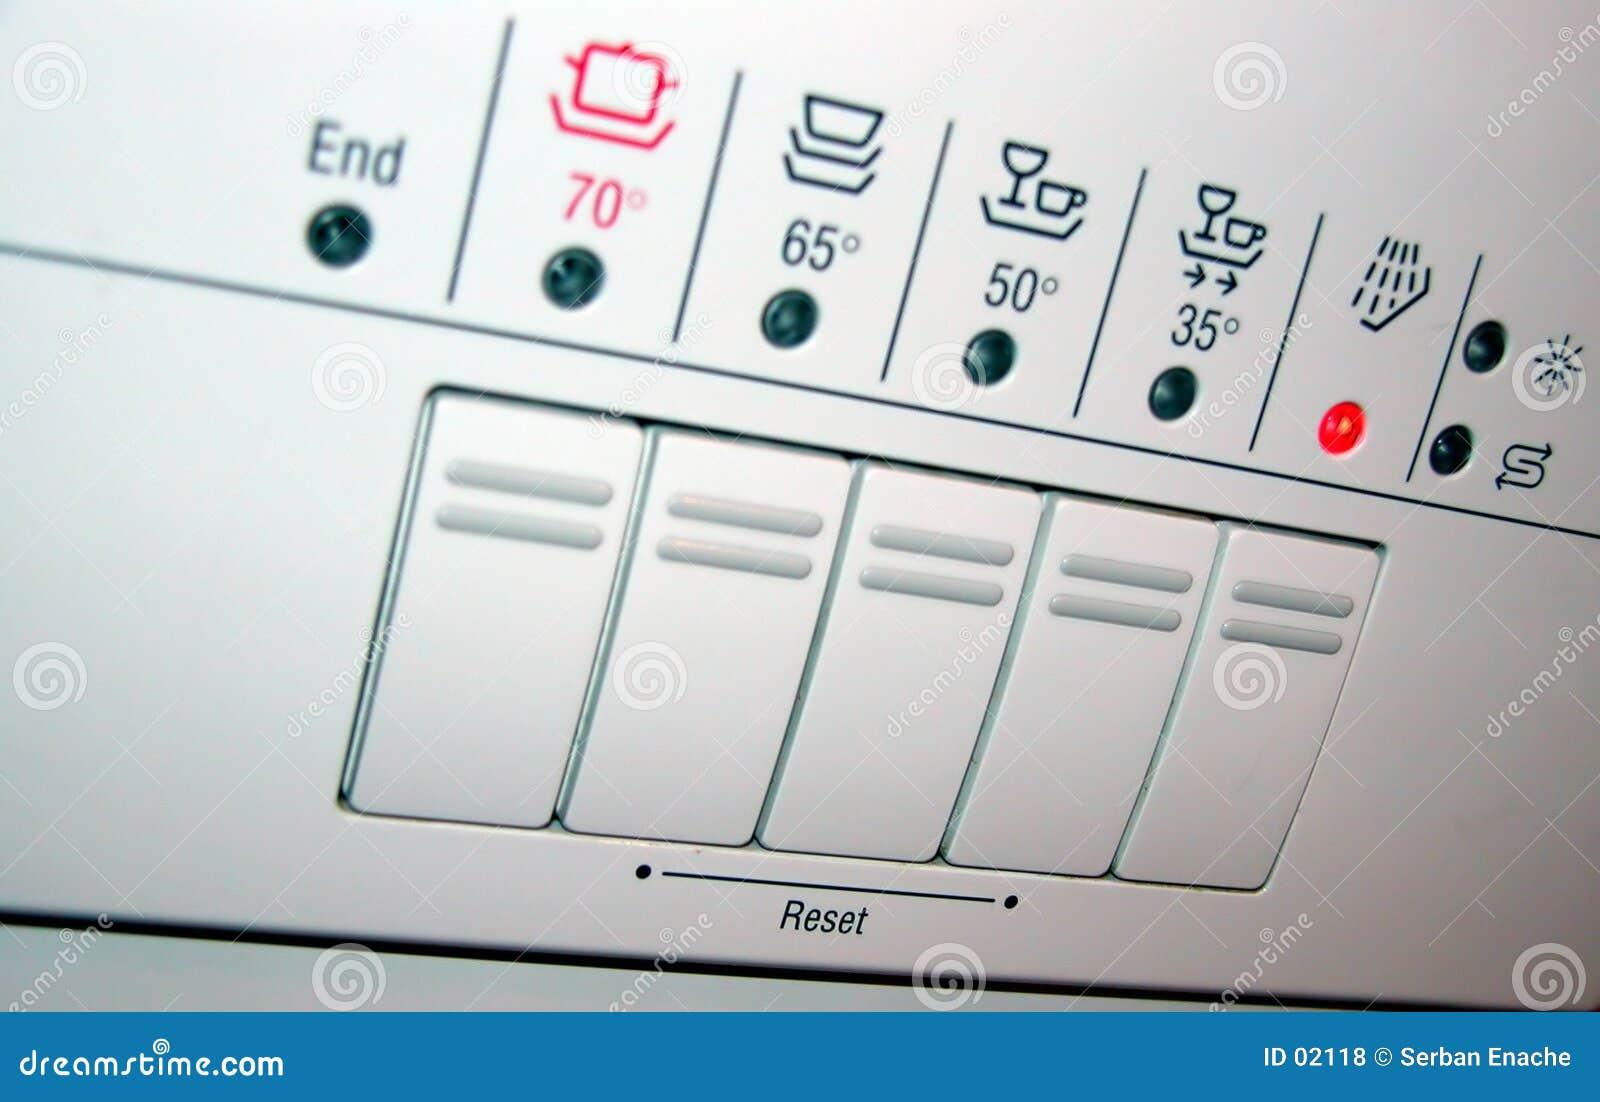 Painel da máquina de lavar louça